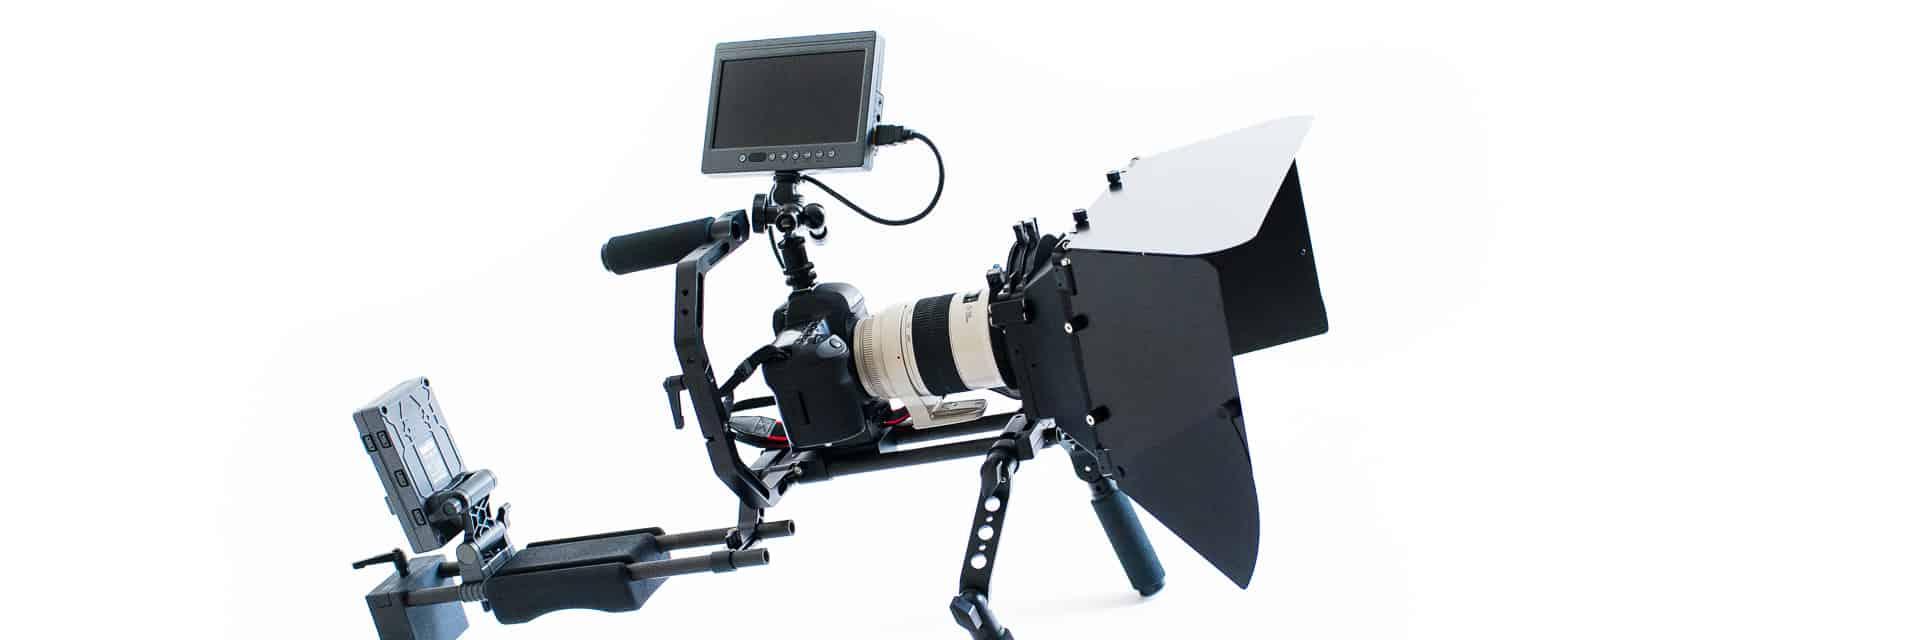 Canon 5D auf einem Schulter-Rig zum mobilen Einsatz (Handkamera)